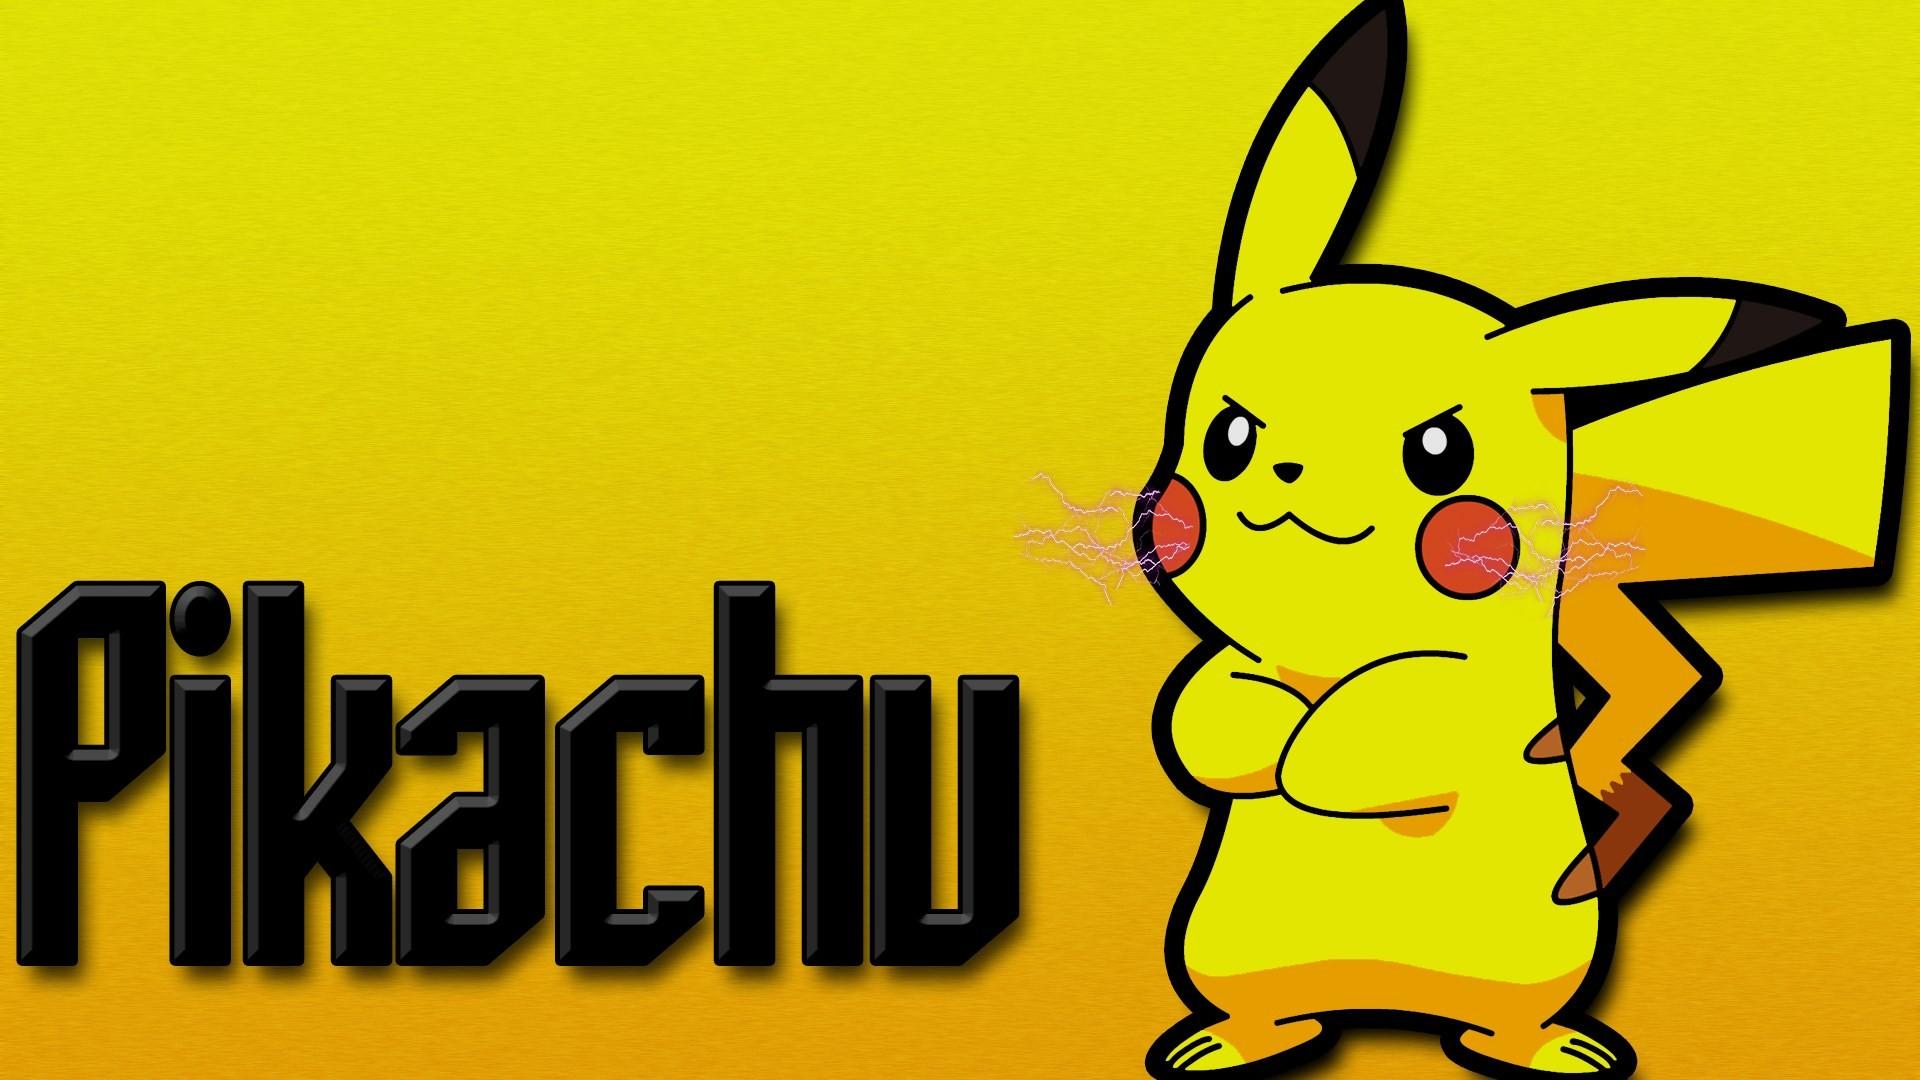 pikachu computer wallpaper